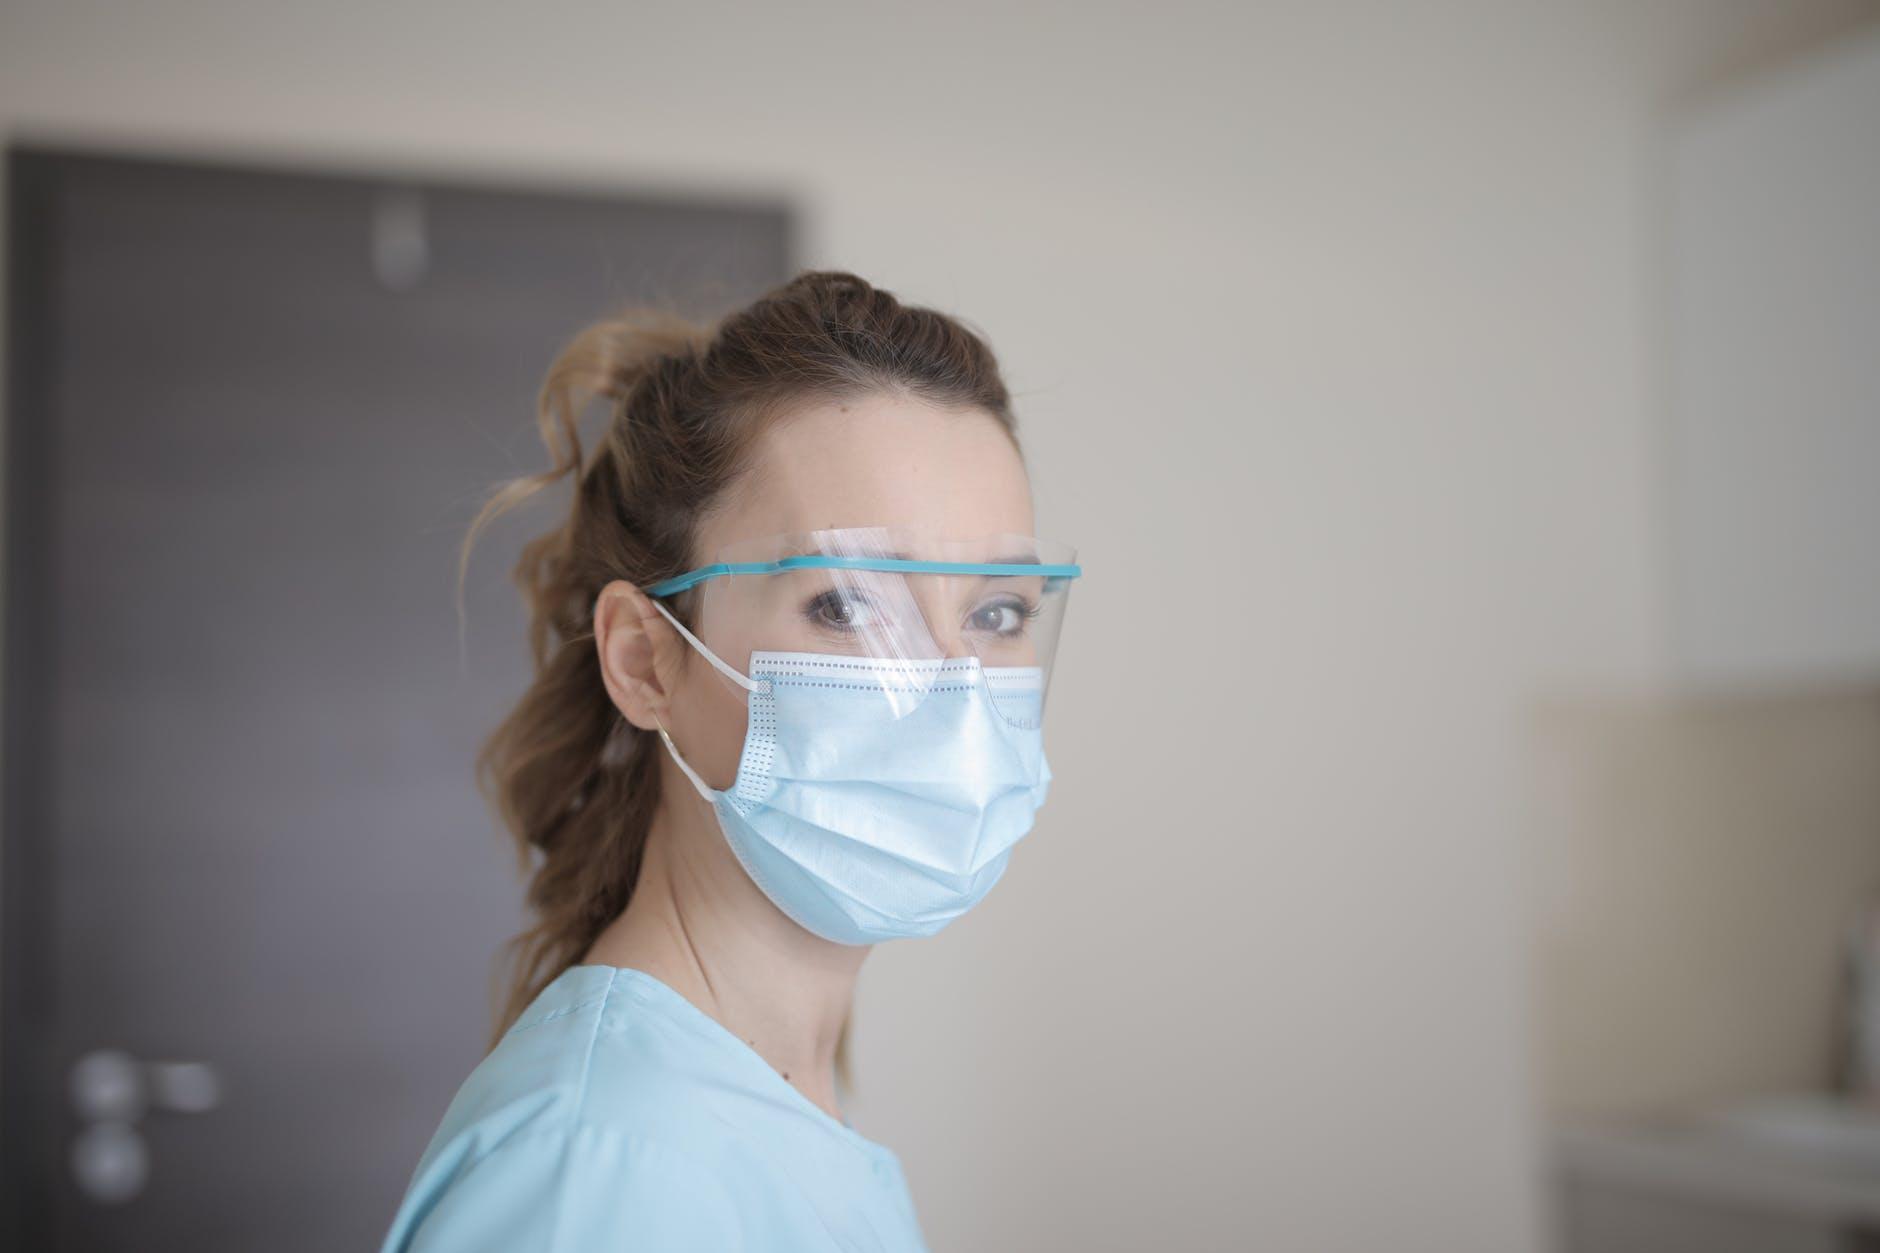 Ilustrační foto: Lékaři bojují s koronavirem. Zdroj: Pexels